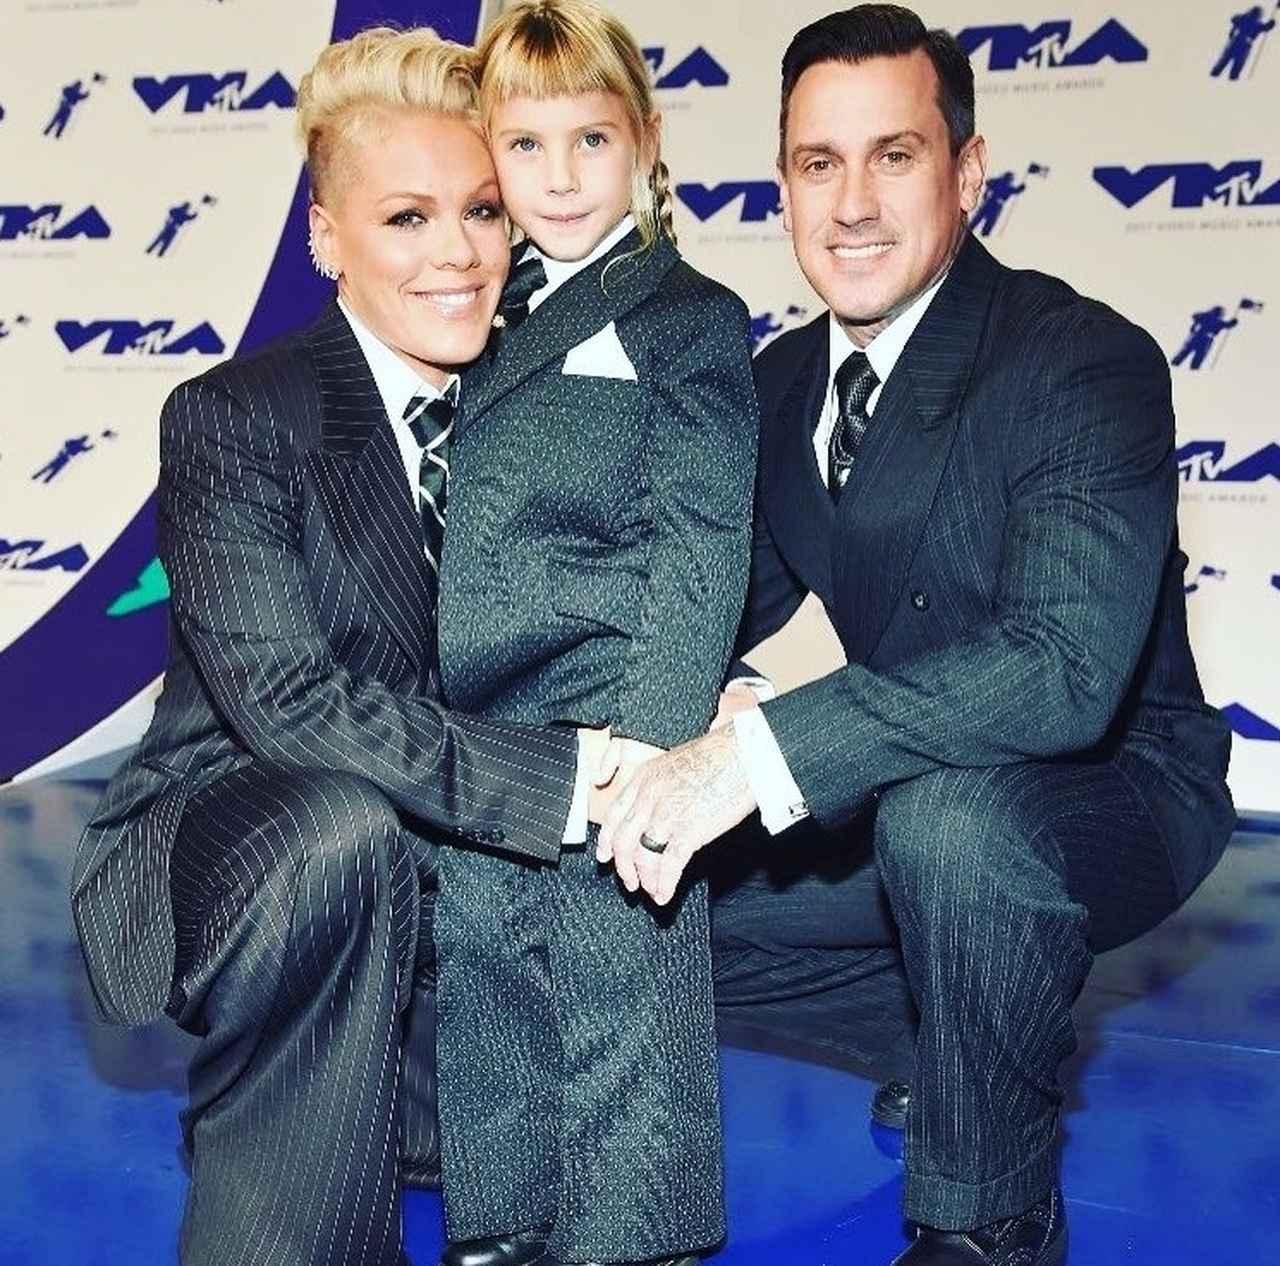 画像: 2017年のMTV VMAでは特別賞である「マイケルジャクソン・ビデオ・ヴァンガード賞」を受賞。レッドカーペットには親子3人でおそろいのスーツで現れた。